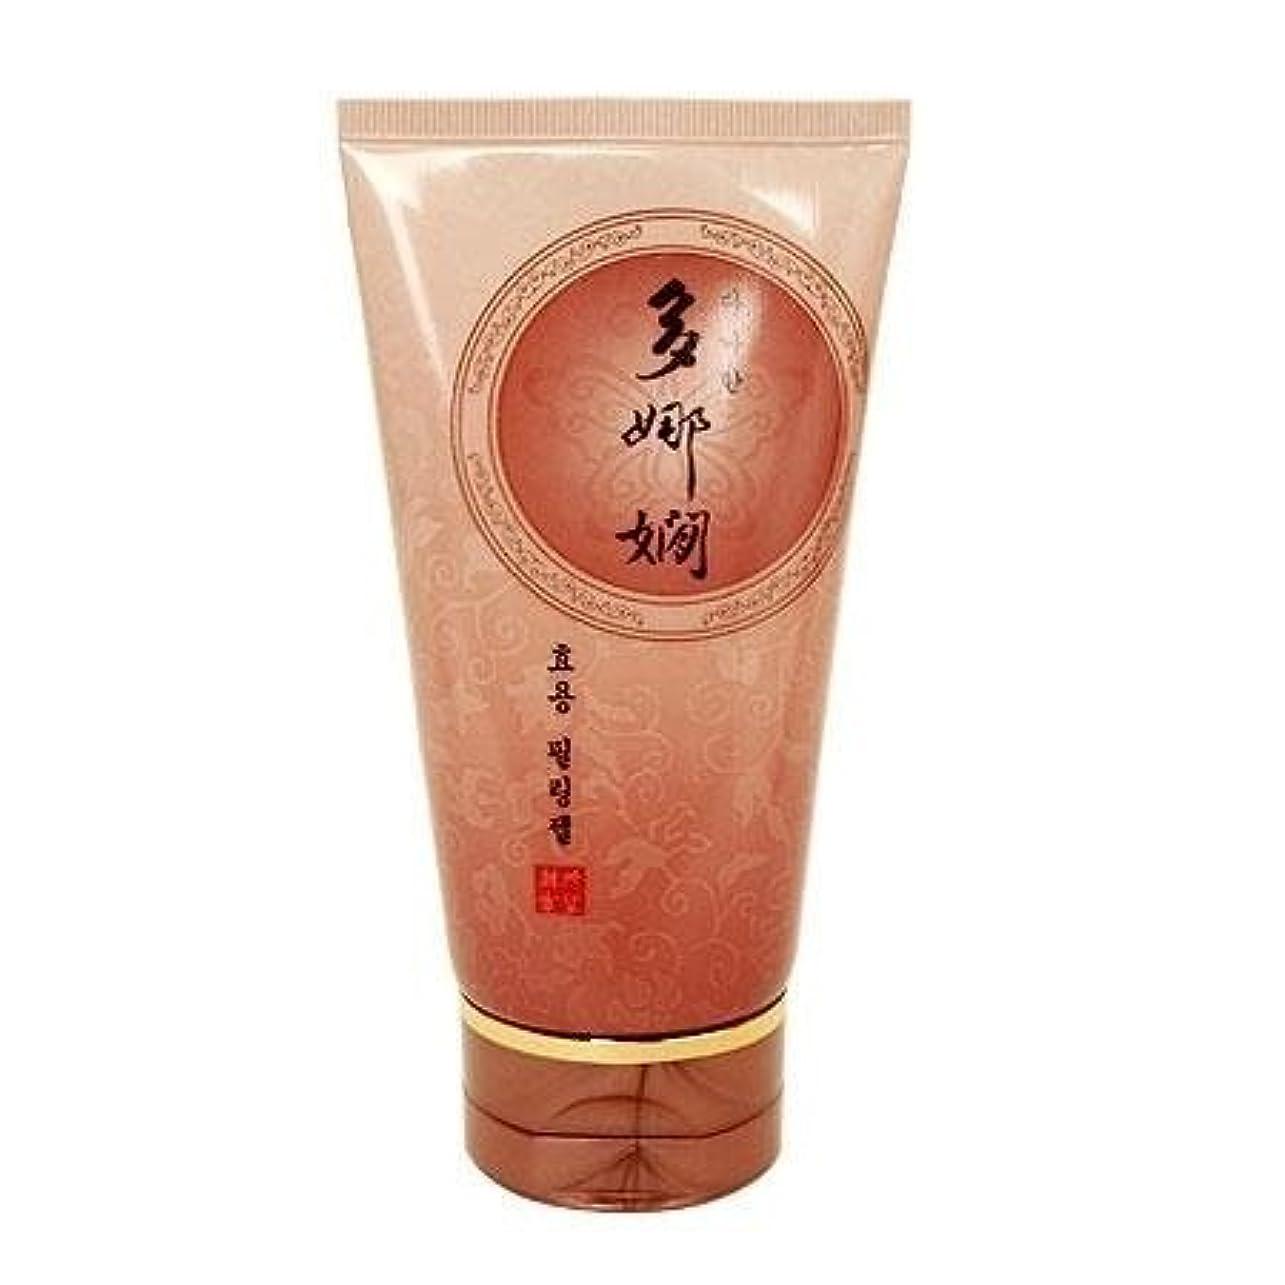 失望させる必須ロケットDanahan Hyoyong Peeling gel / 多娜嫺 [ダナハン] 酵茸ピーリングジェル [並行輸入品]